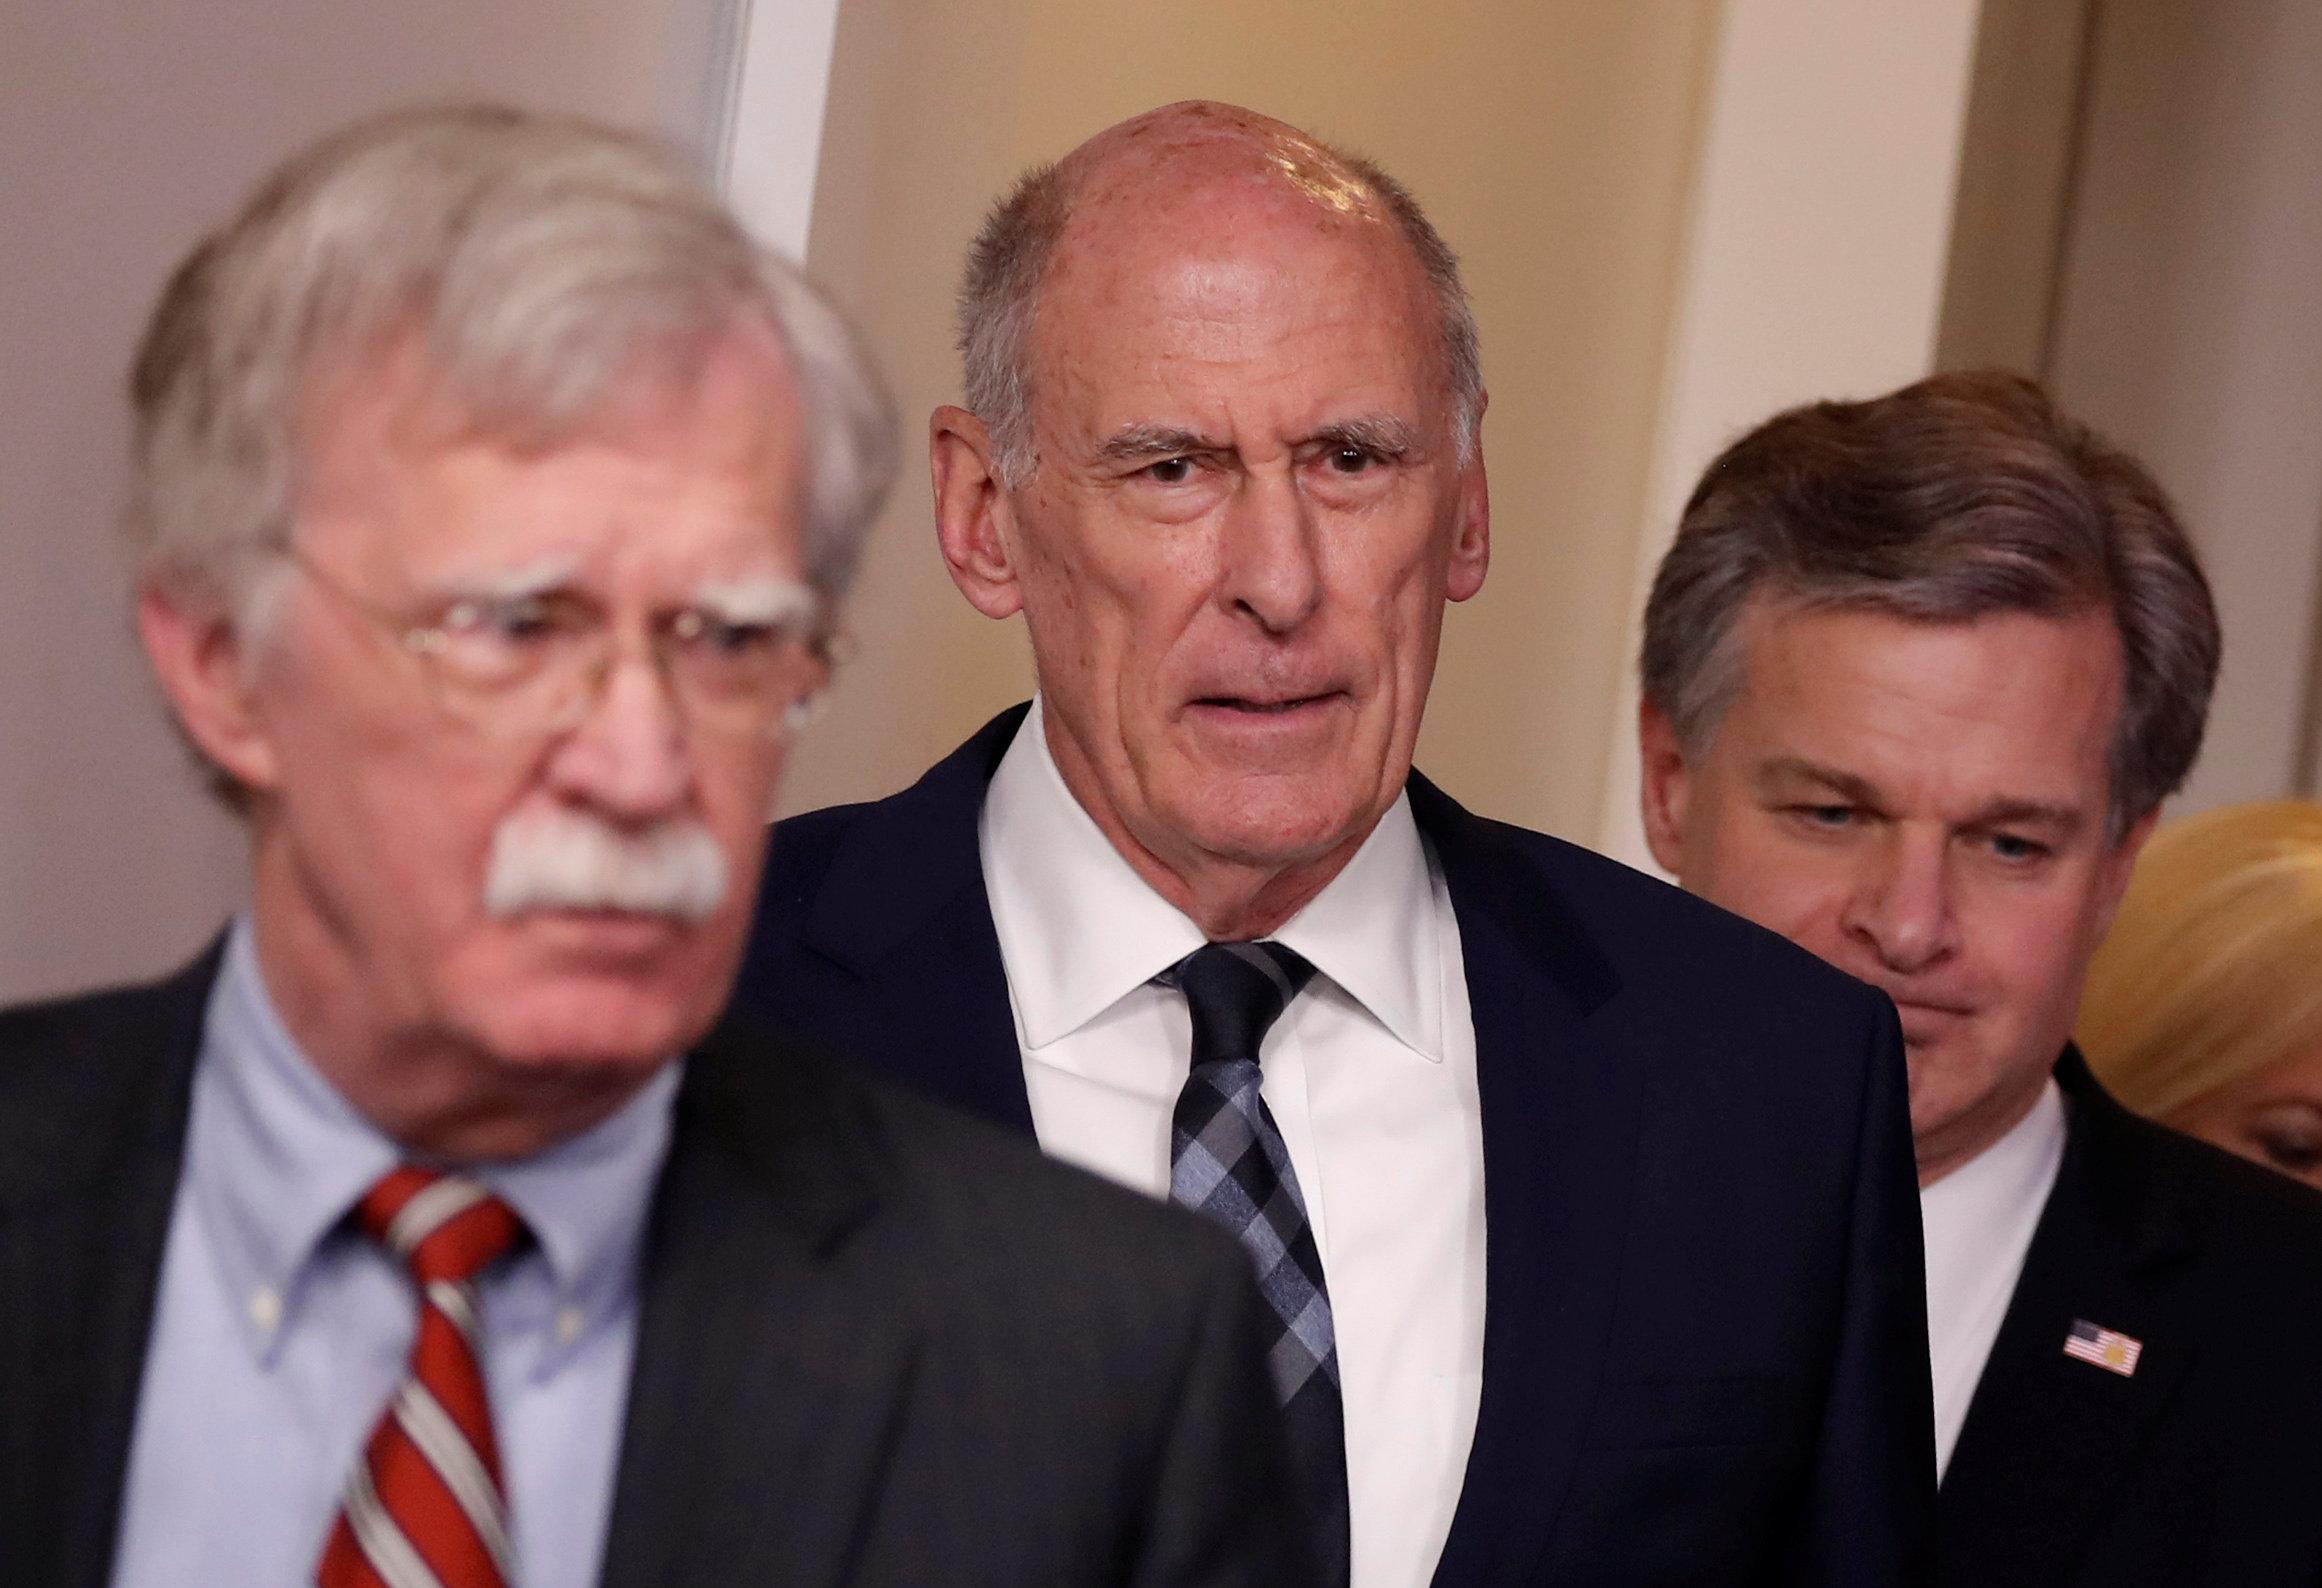 EEUU advierte de gran campaña rusa para dividir y debilitarlo